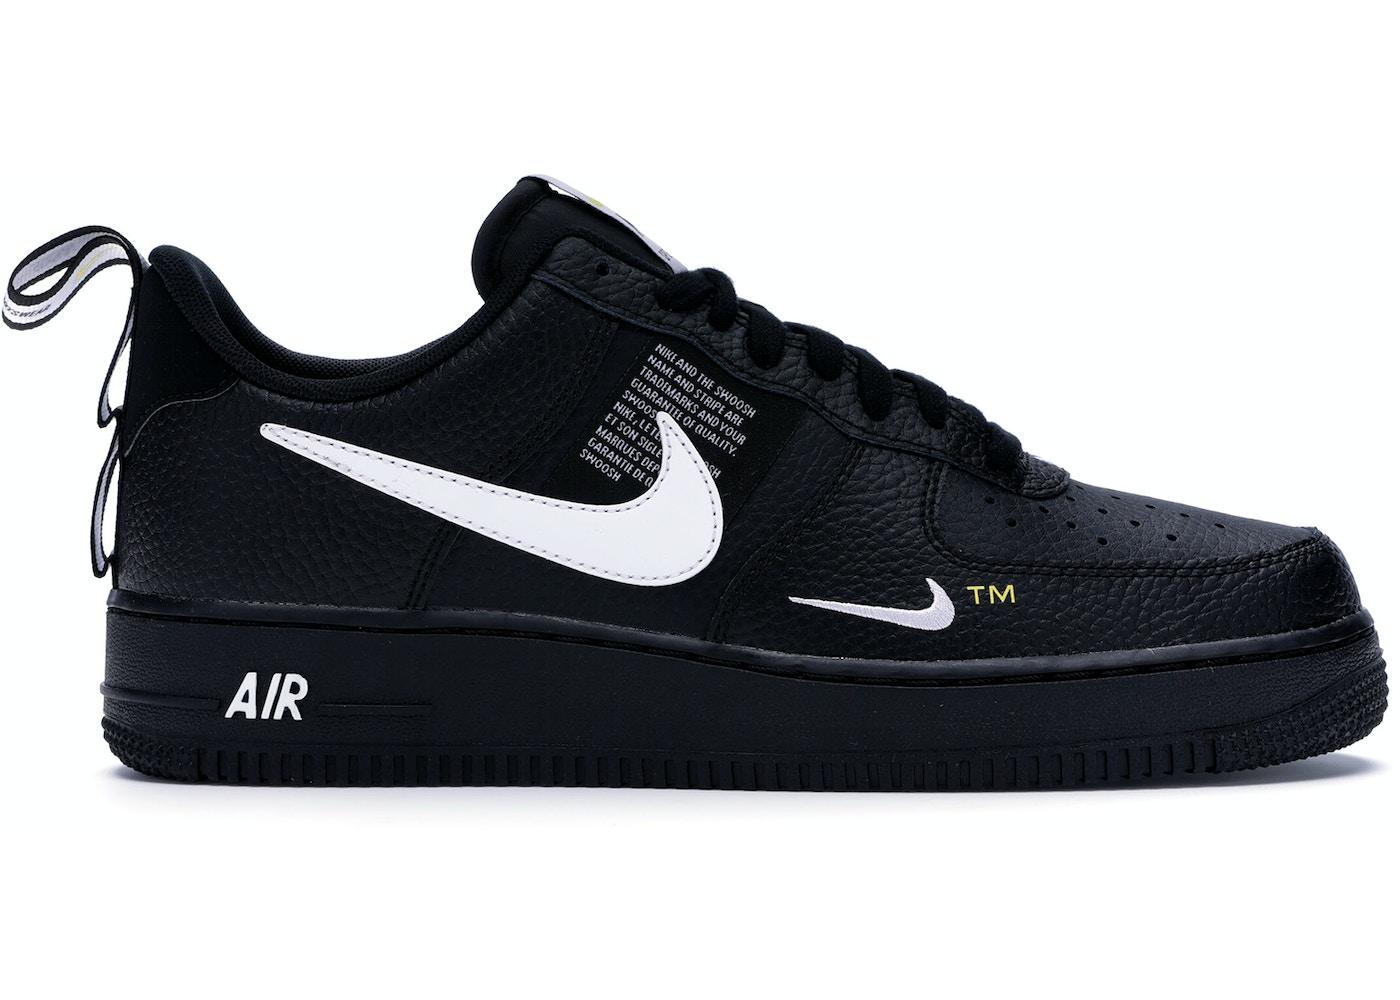 otoño brillante En detalle  Nike Air Force 1 Low Utility Black White - AJ7747-001